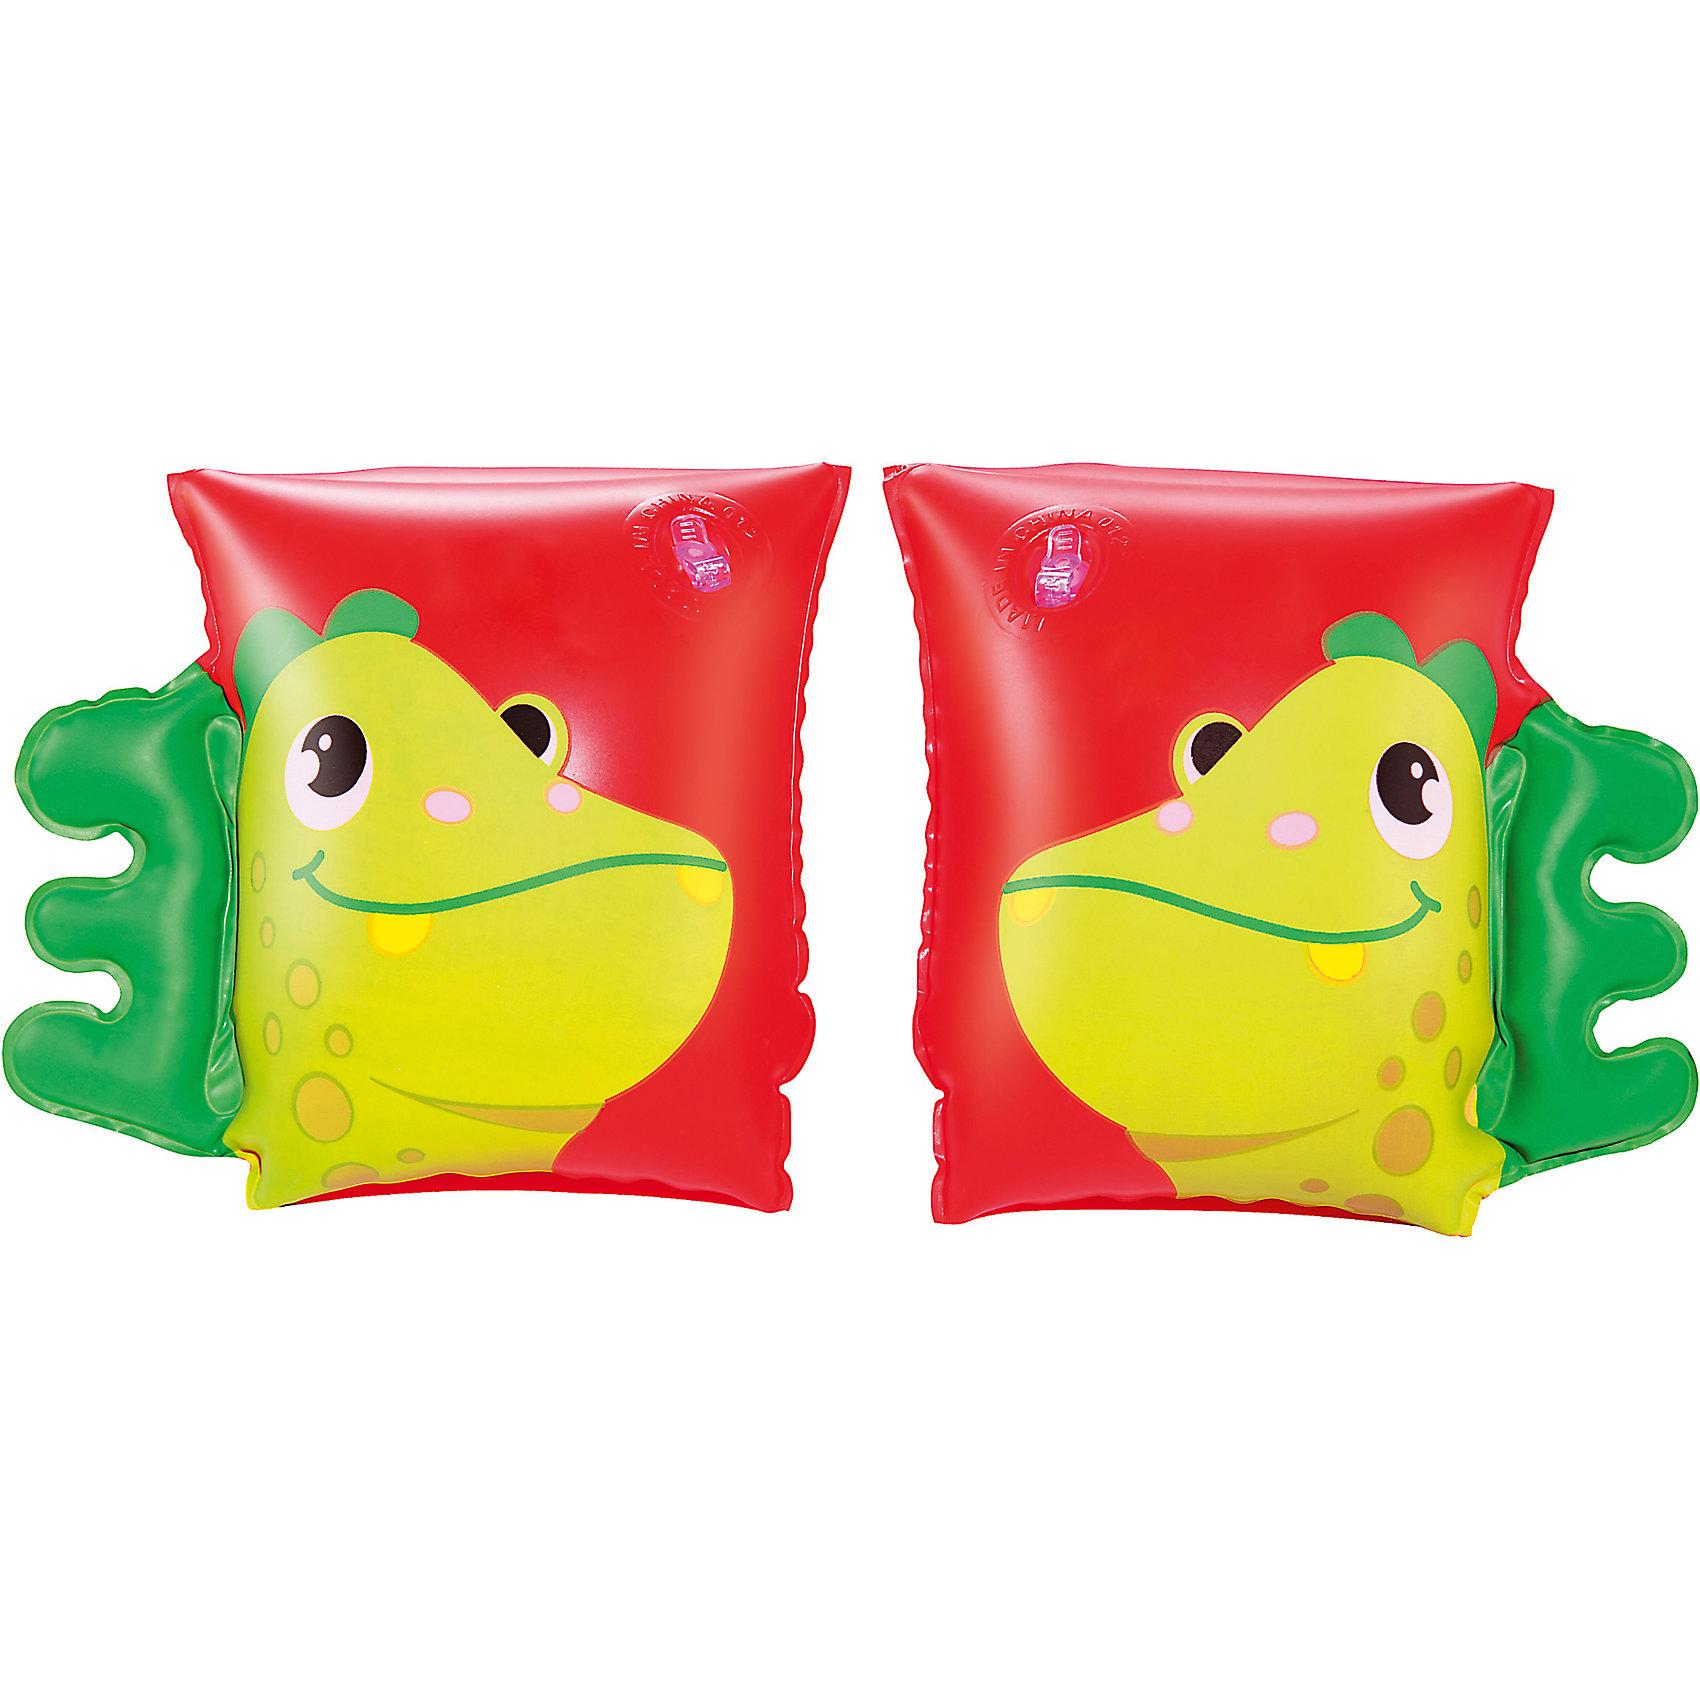 Нарукавники для плавания Динозавр, BestwayКруги и нарукавники<br>Нарукавники для плавания Динозавр (Бествей), Bestway<br><br>Характеристики:<br><br>• яркий дизайн<br>• две воздушные камеры<br>• размер: 23х15<br>• материал: ПВХ<br>• вес: 94 грамм<br><br>Нарукавники - незаменимый атрибут для детей, обучающихся плаванию. Нарукавники Динозавр выполнены из прочного пвх. Они имеют две воздушные камеры, которые позволят вам контролировать количество воздуха внутри. Нарукавники выполнены в виде забавных динозавров с гребнем. Размер нарукавника - 23х15 см.<br><br>Нарукавники для плавания Динозавр, Bestway (Бествей) можно купить в нашем интернет-магазине.<br><br>Ширина мм: 320<br>Глубина мм: 290<br>Высота мм: 200<br>Вес г: 94<br>Возраст от месяцев: 36<br>Возраст до месяцев: 72<br>Пол: Унисекс<br>Возраст: Детский<br>SKU: 5486998